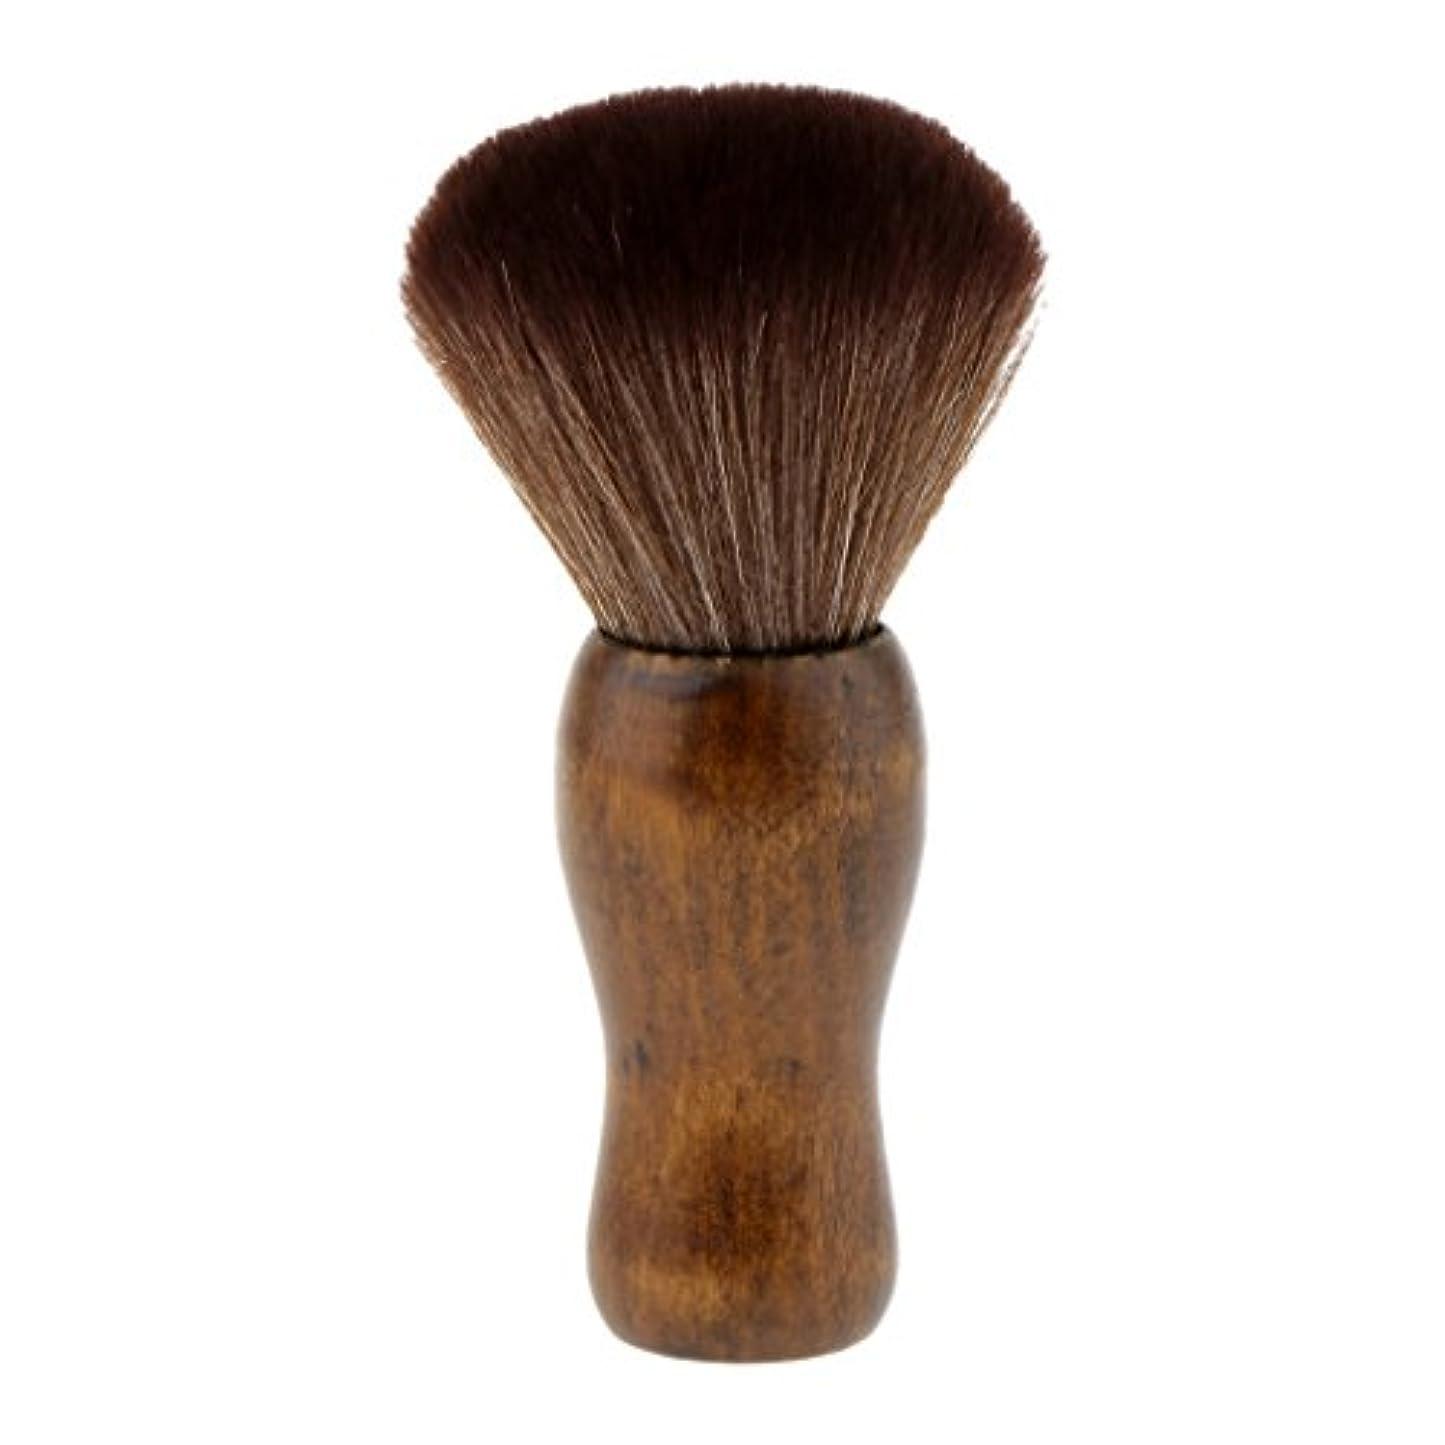 賞賛下着お別れシェービングブラシ シェービング 洗顔 ブラシ メイクブラシ ソフト 快適 シェービングツール 2色選べる - 褐色